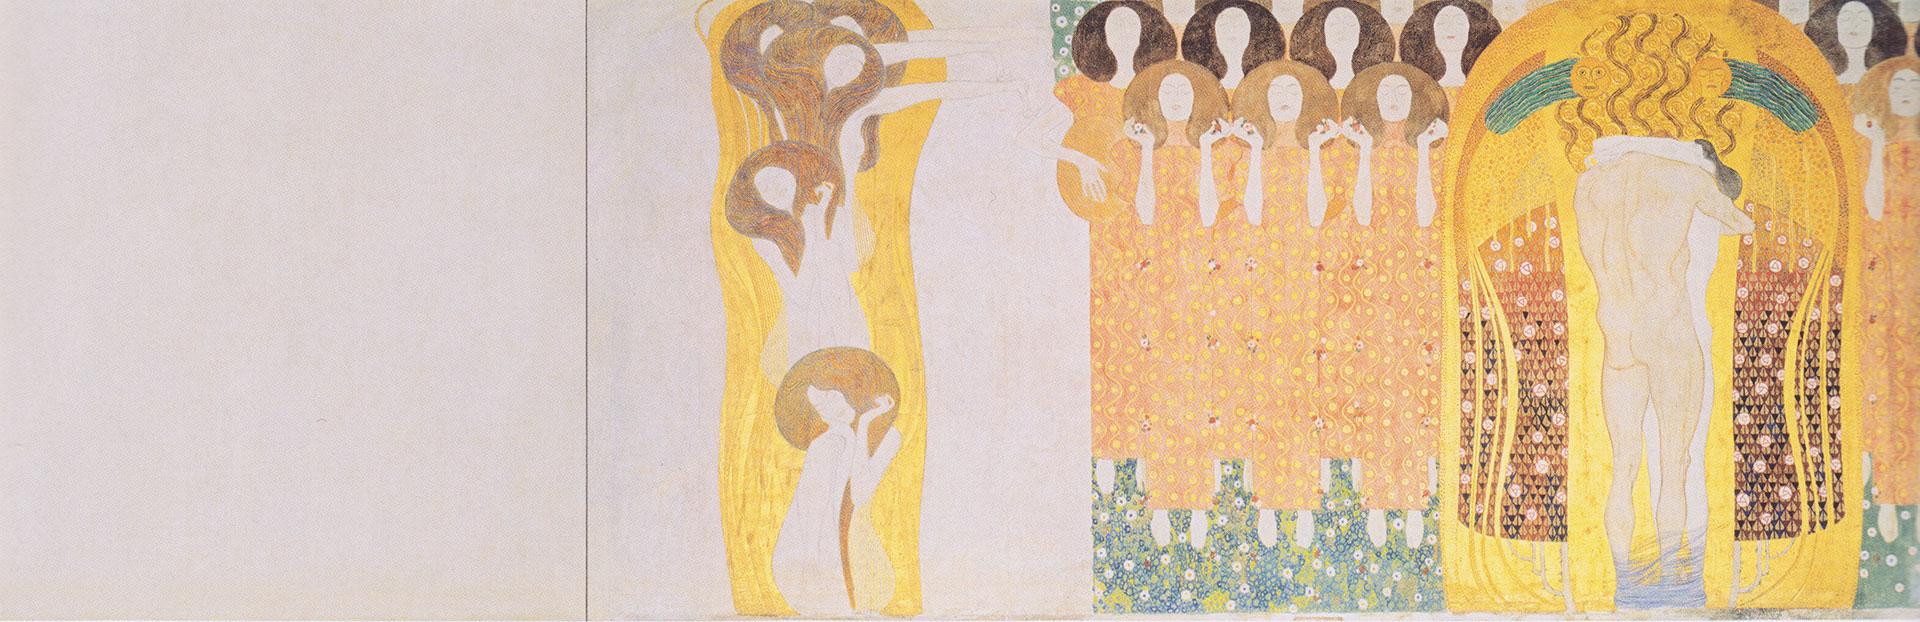 Recorte del Friso de Beethoven, el mural que Gustav Klimt pintó en Viena en 1902